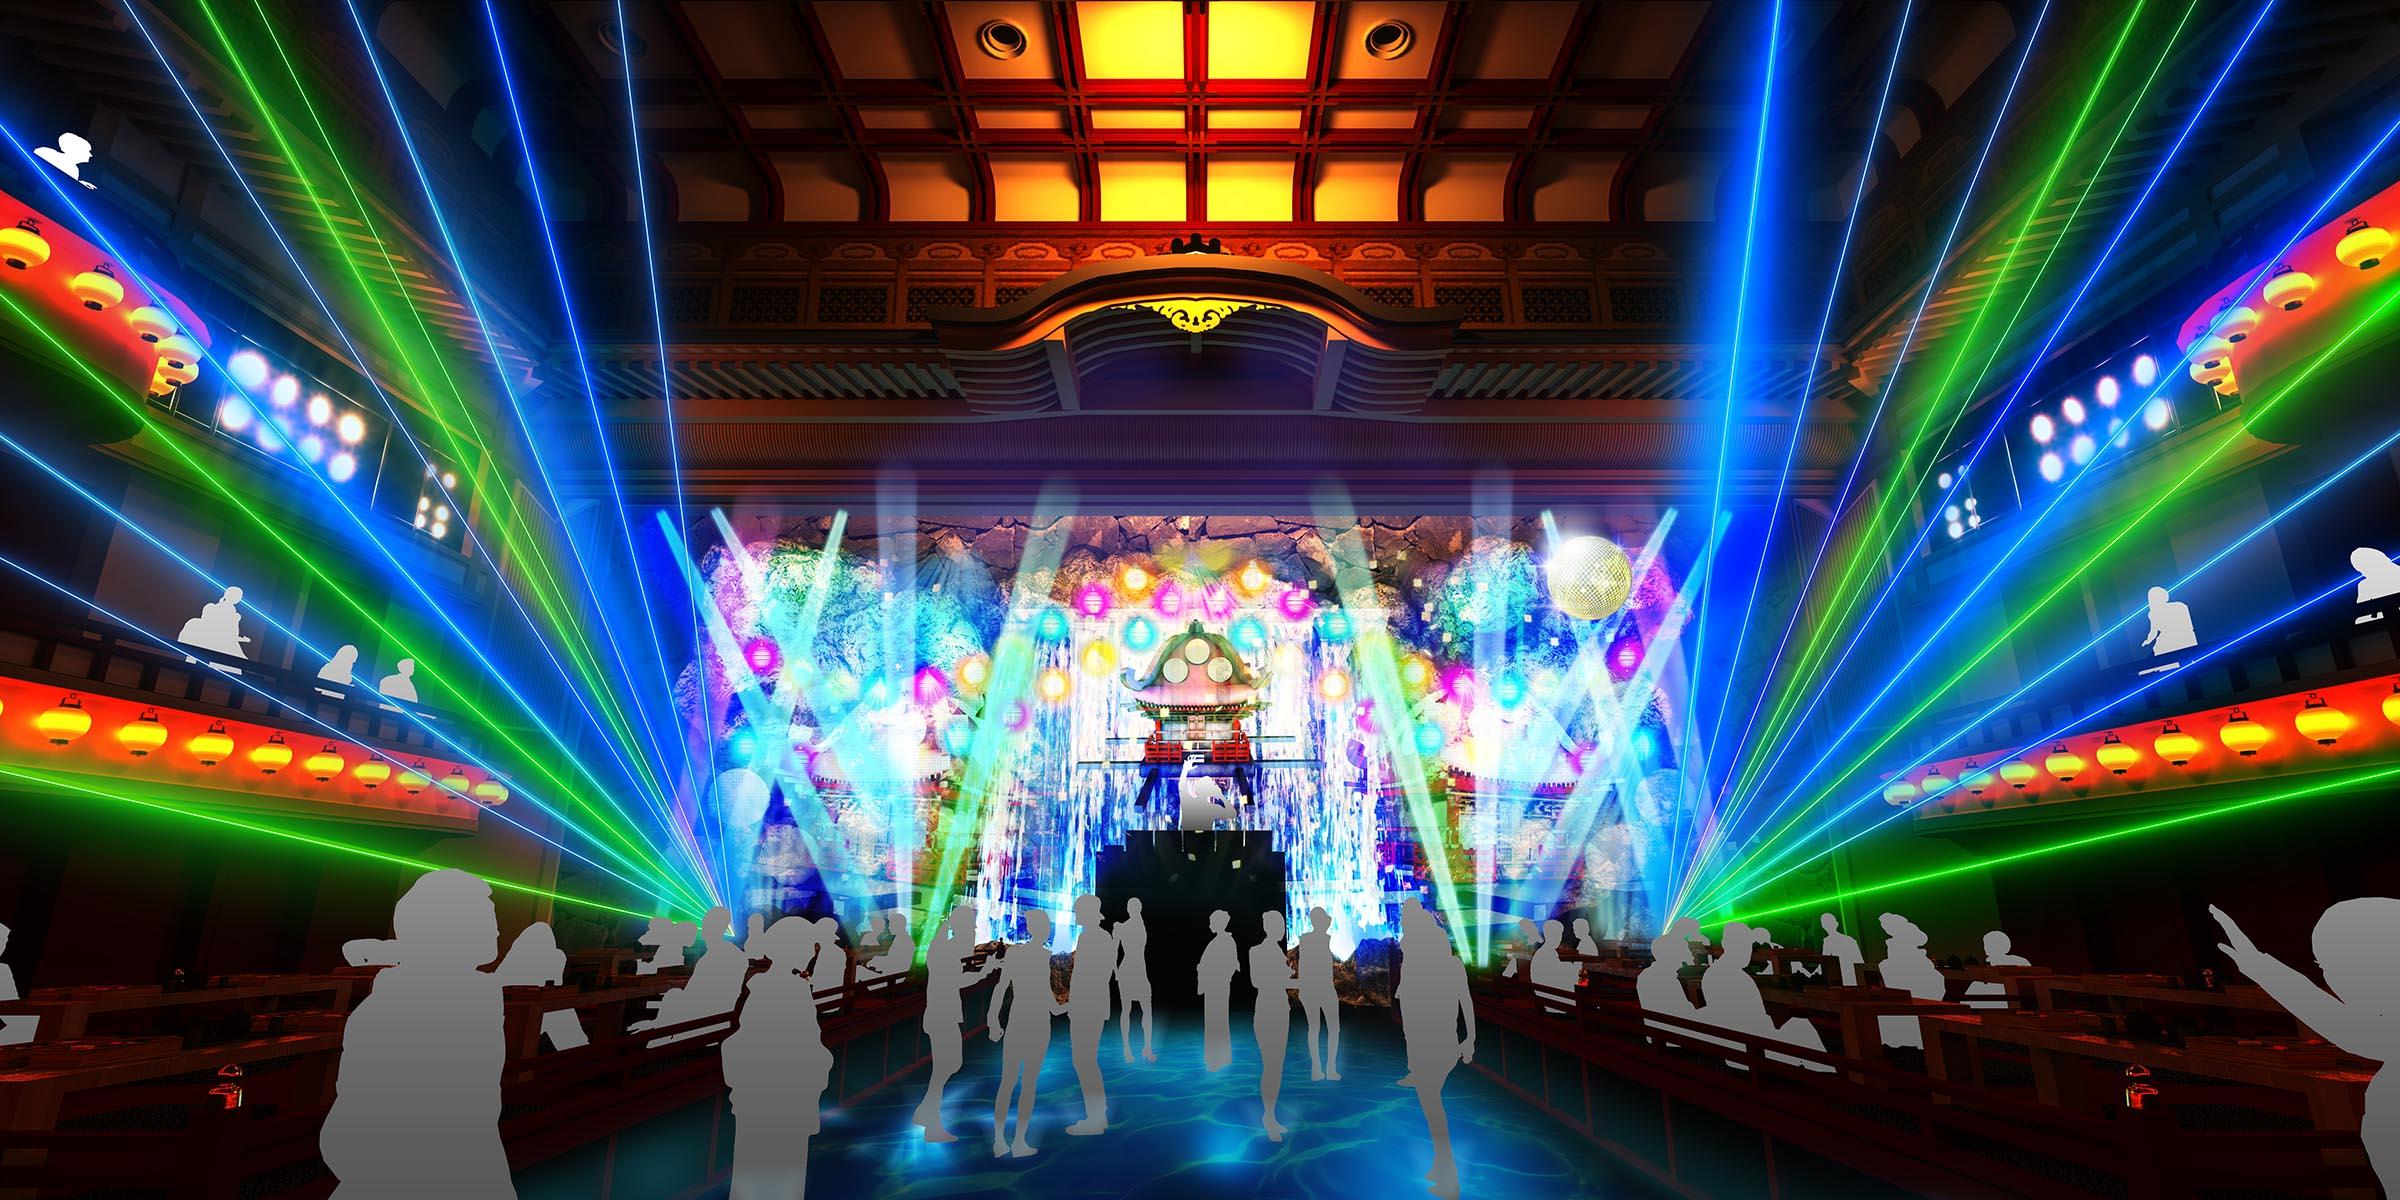 京都・南座新開場記念「京都ミライマツリ2019」